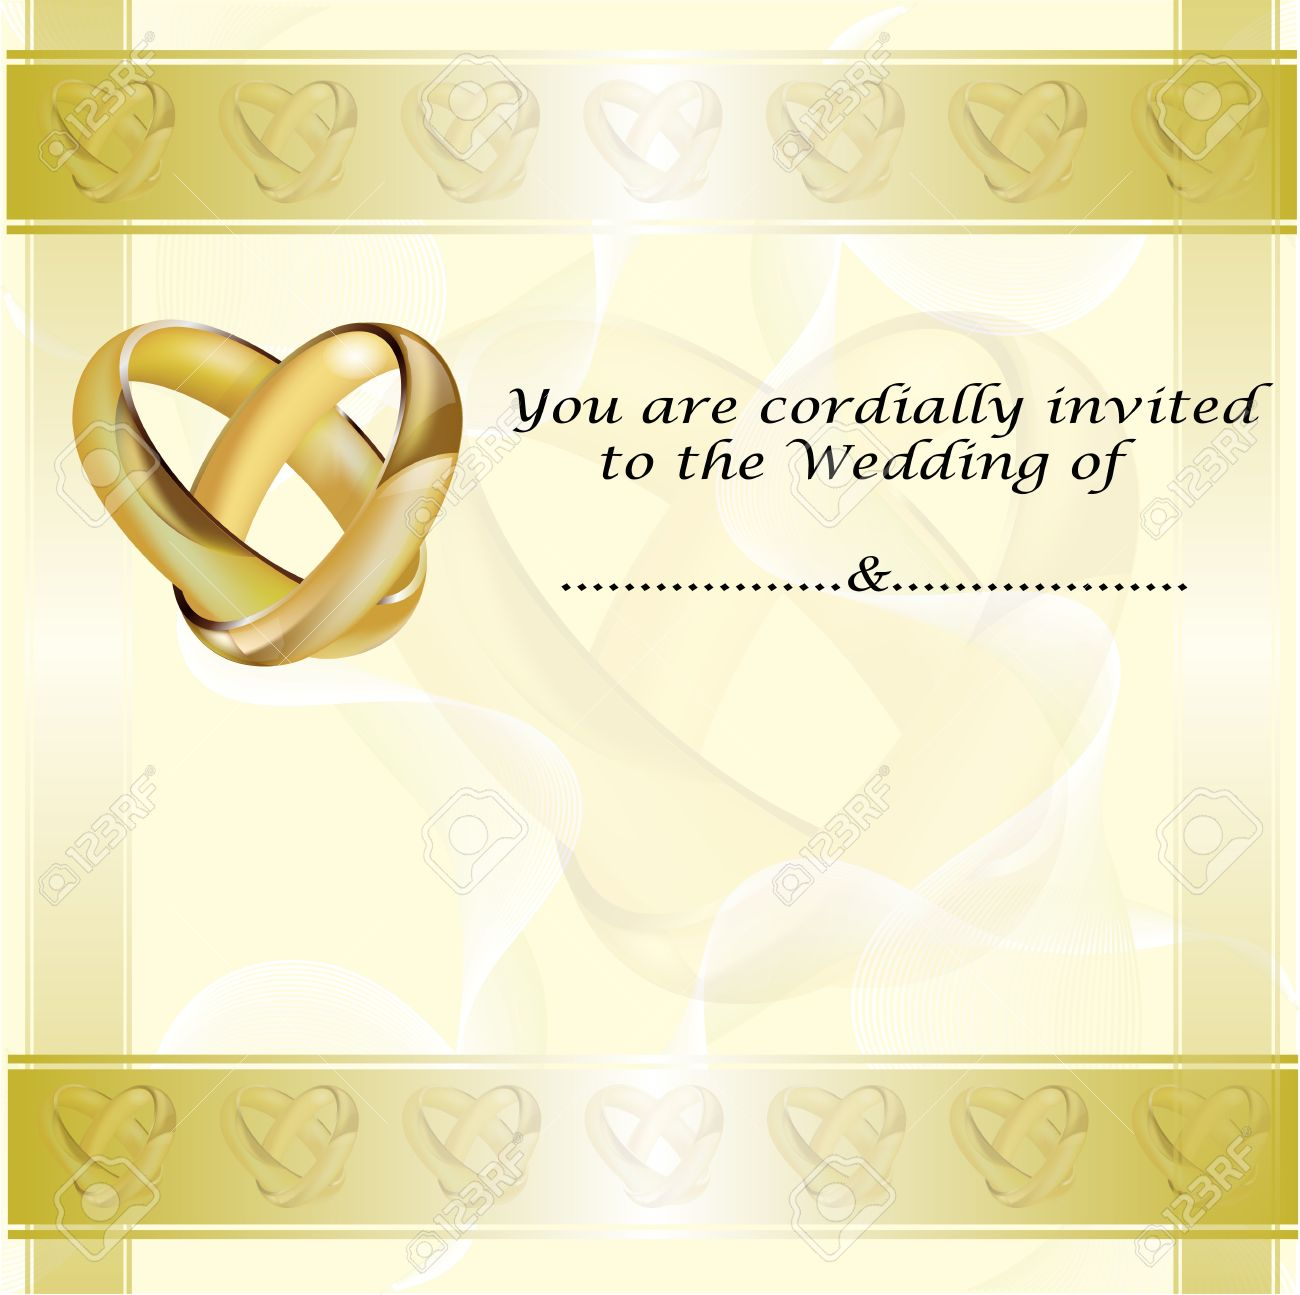 Una Tarjeta De Invitación De Boda Con Anillos De Oro Entrelazados Y Espacio Para Texto